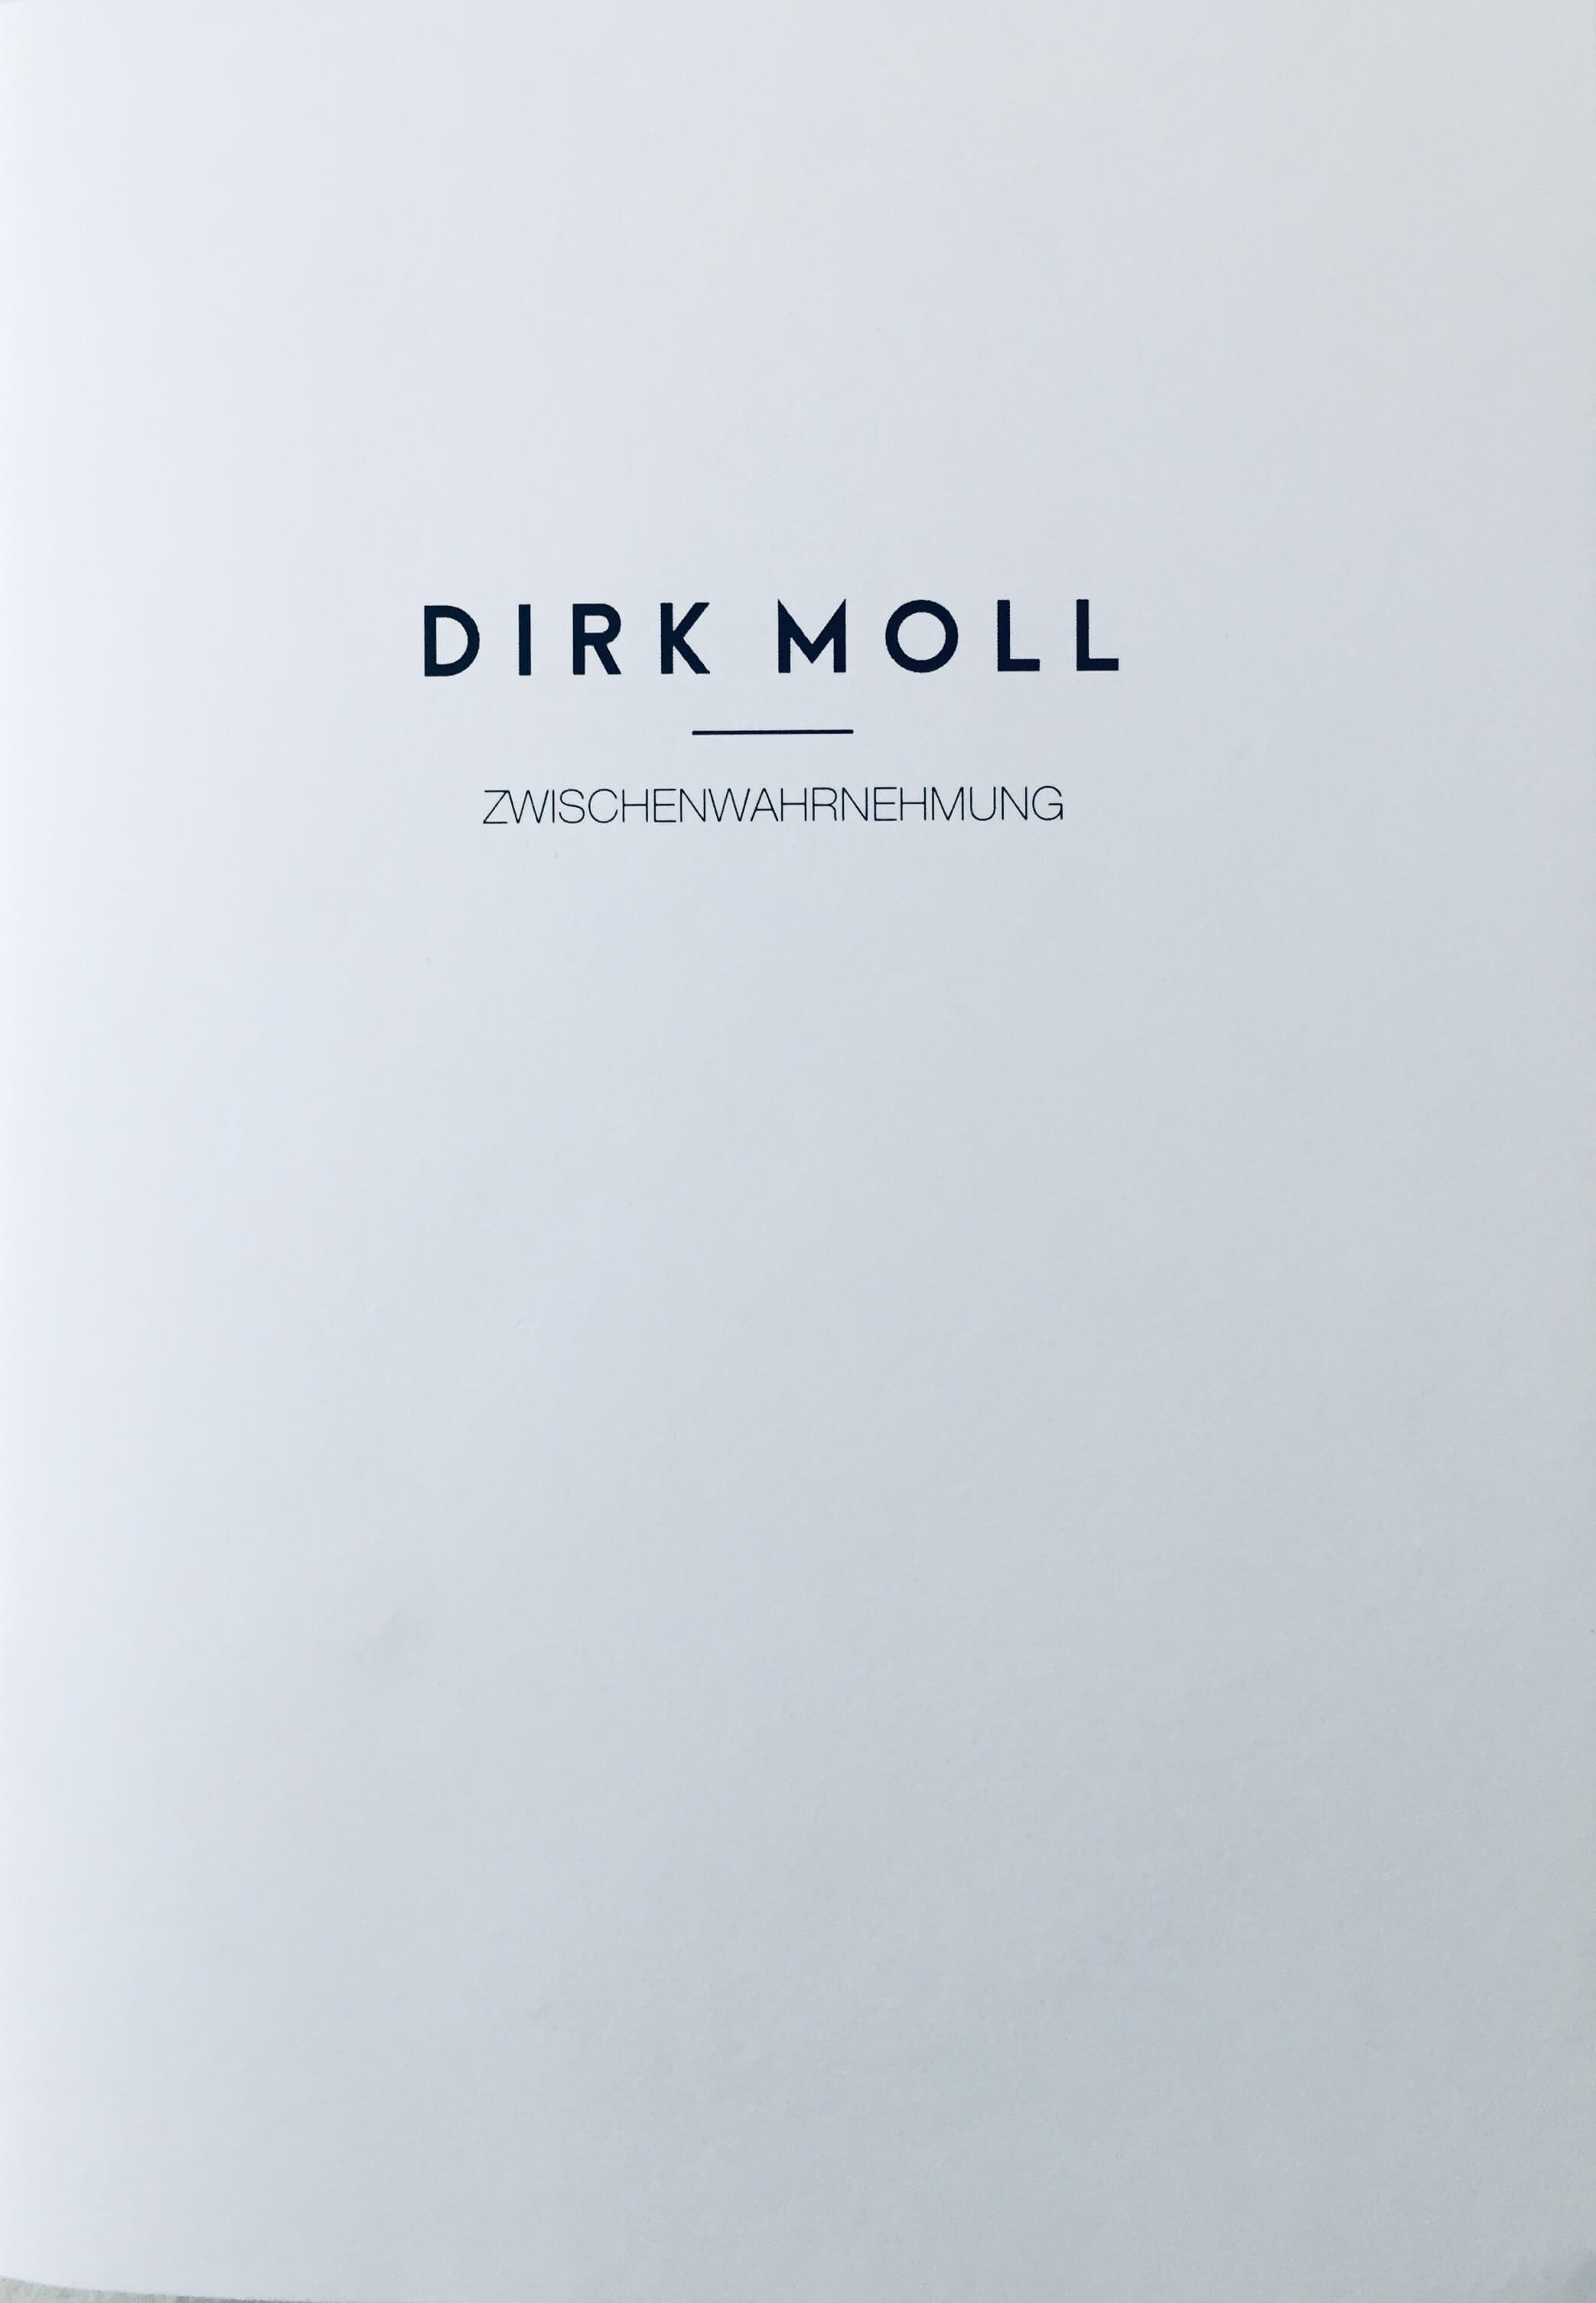 DIRK MOLL – ZWISCHENWAHRNEHMUNG